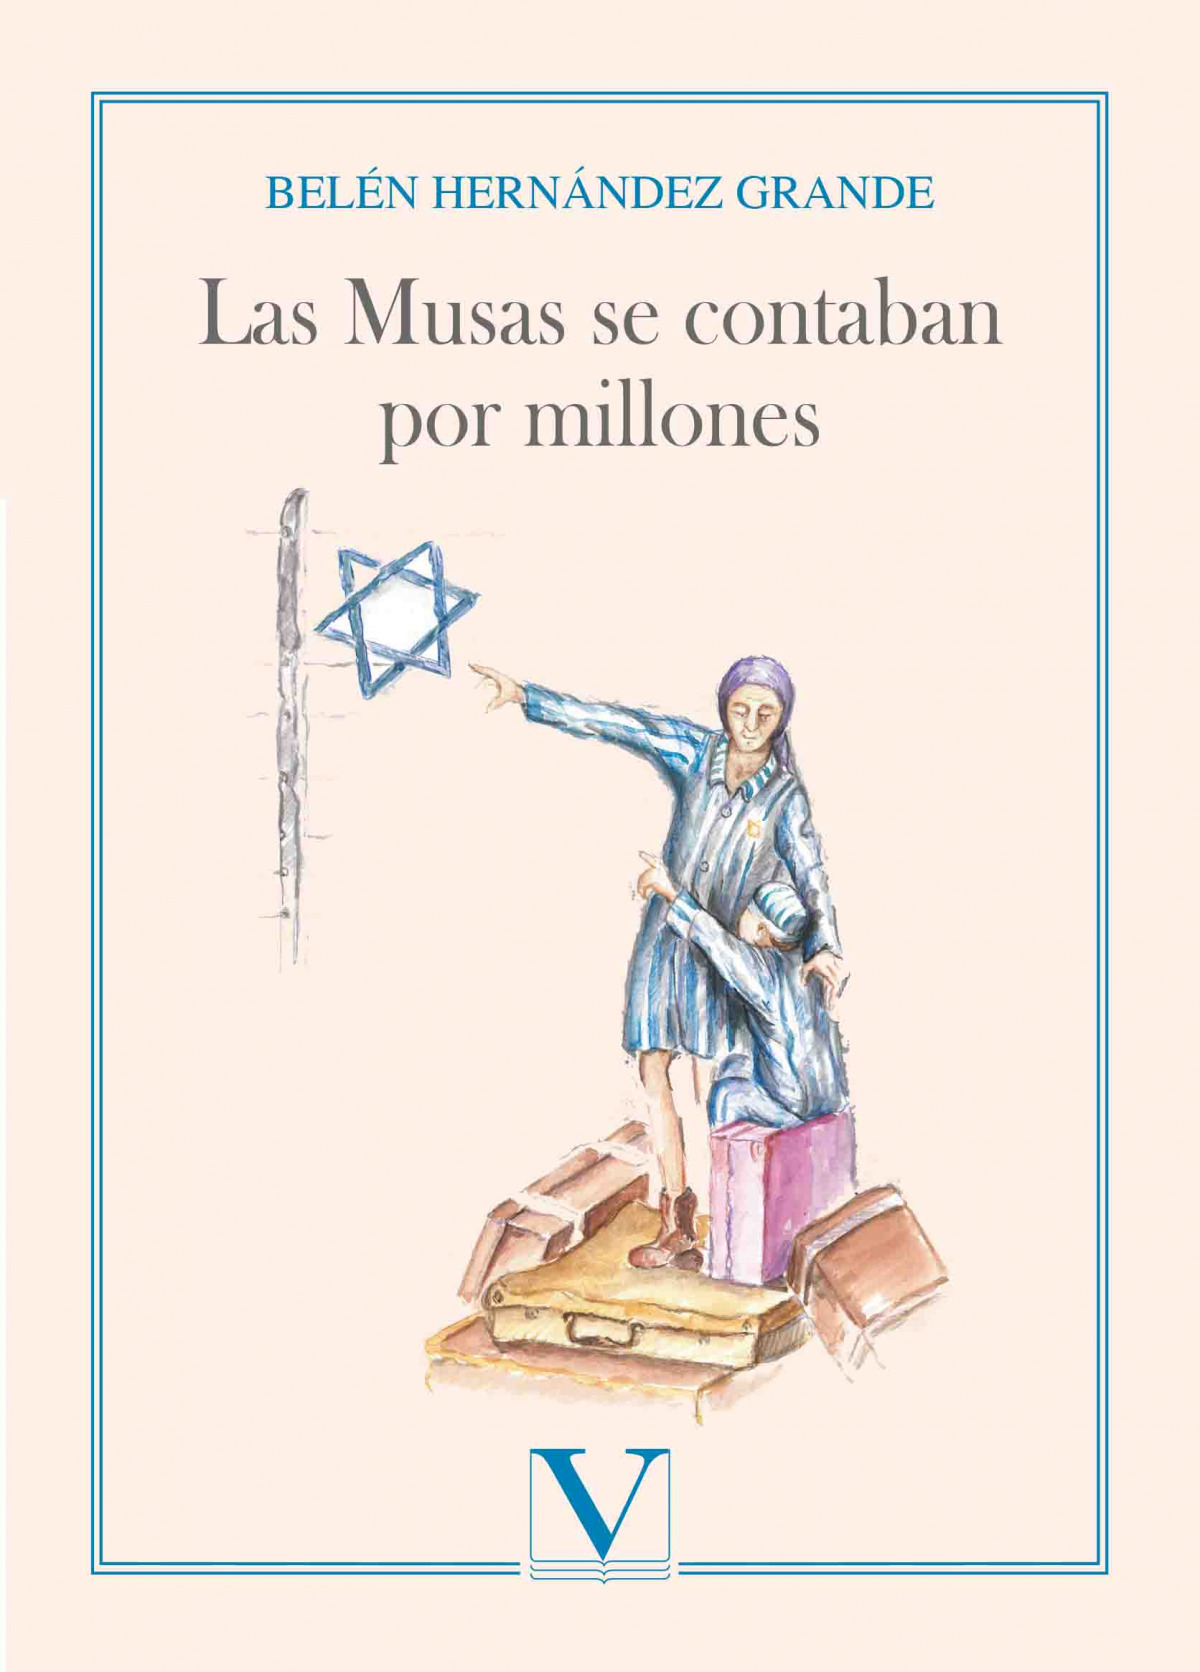 Las Musas se contaban por millones